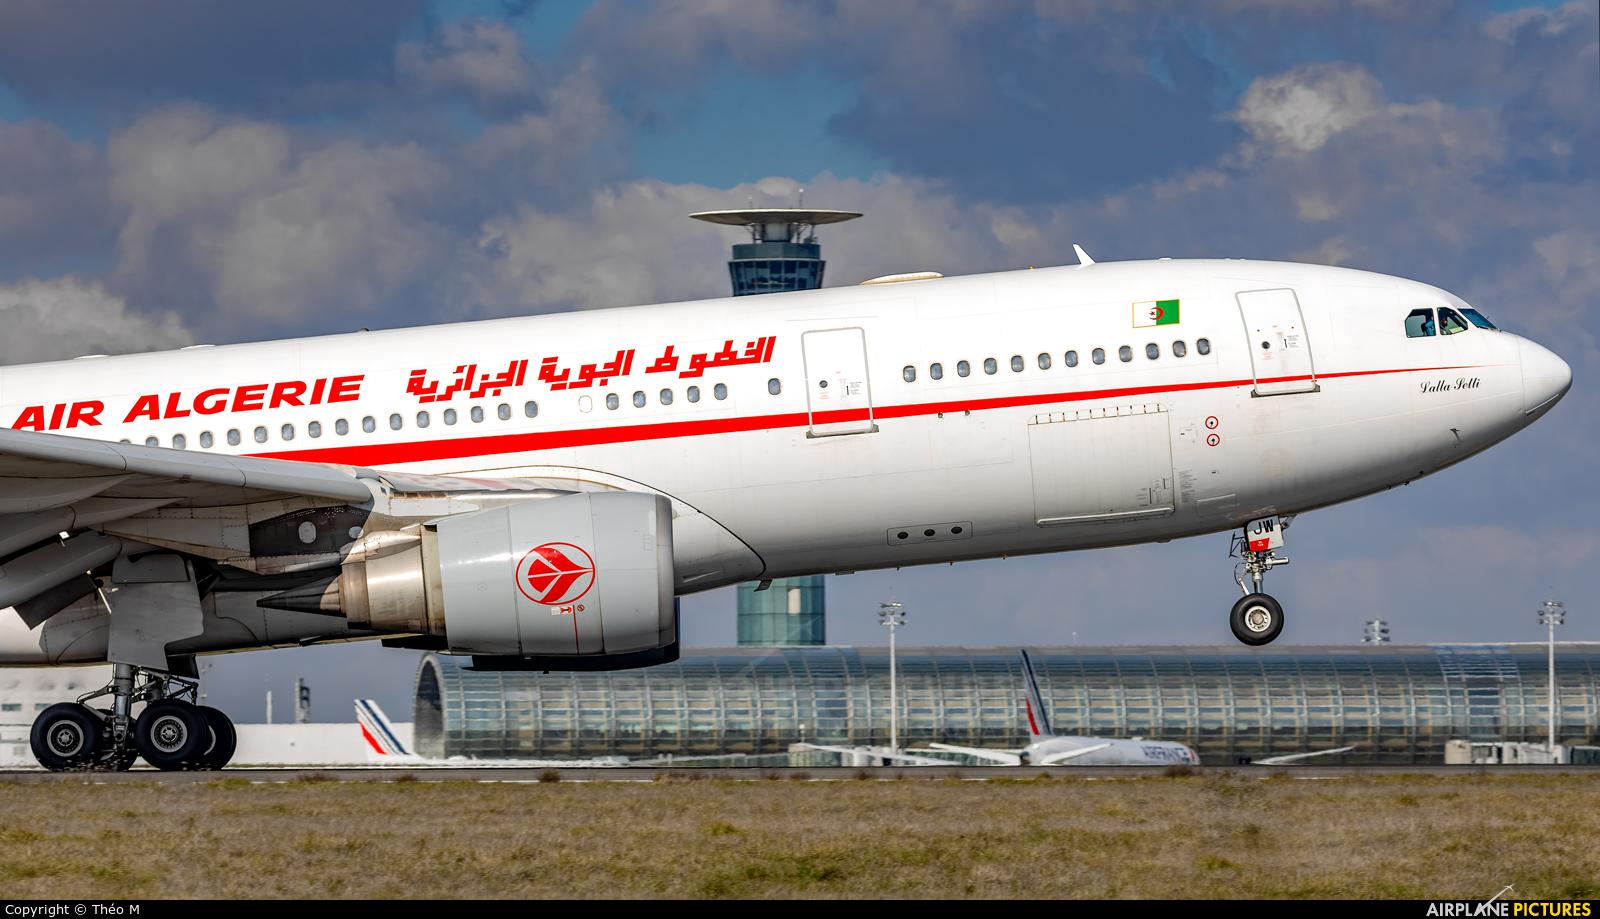 Air Algerie 7T-VJW aircraft at Paris - Charles de Gaulle